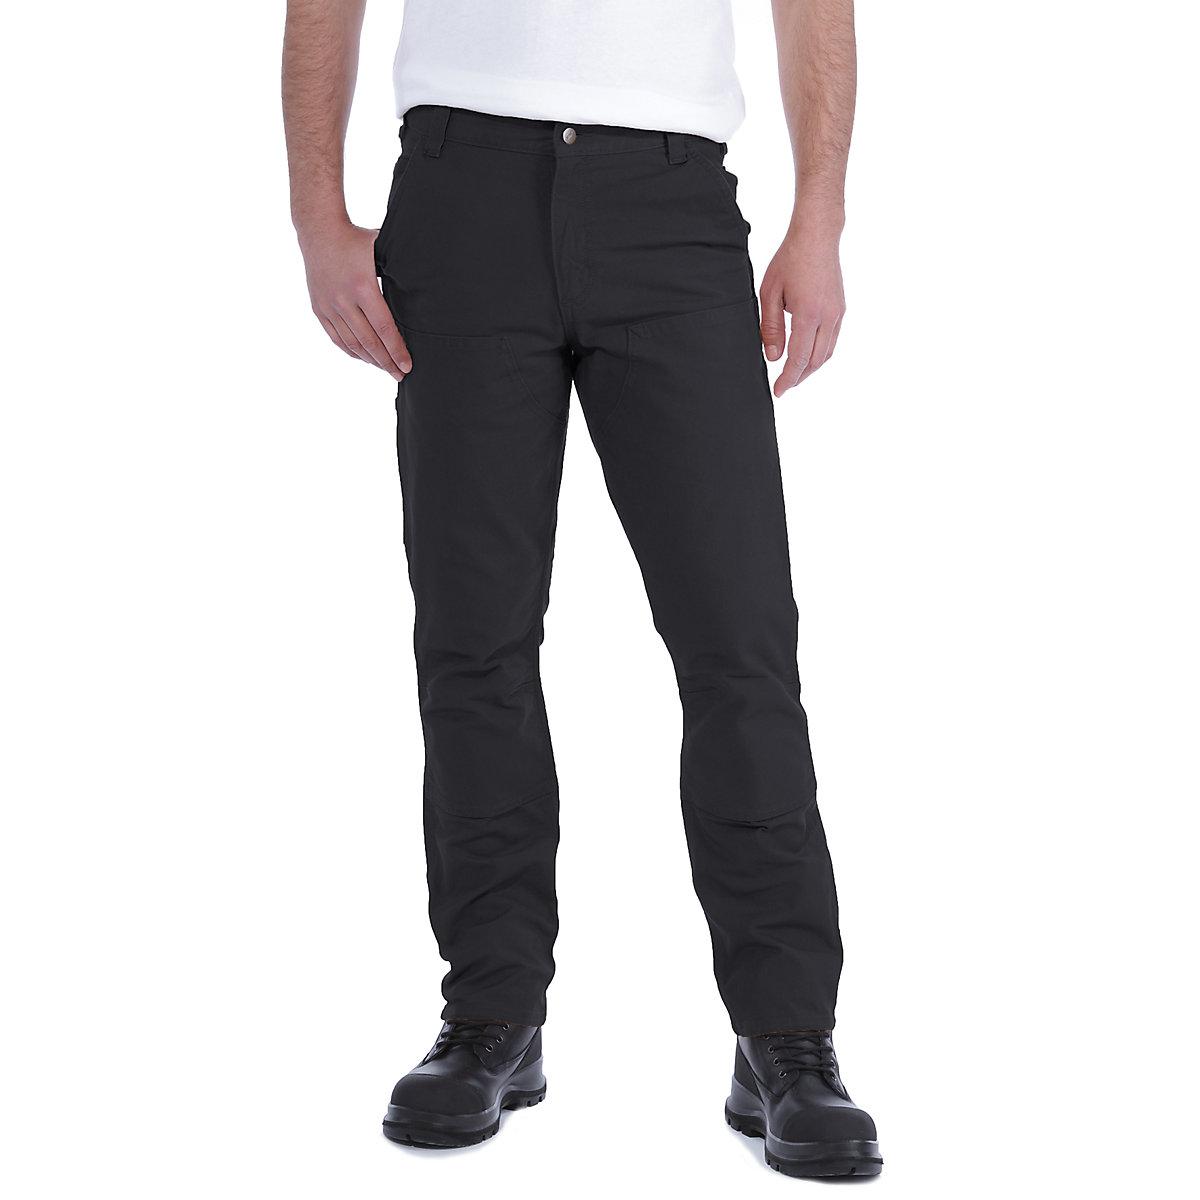 NUOVO Da Donna Metà elasticizzati stretch Girovita Ufficio Lavoro Pantaloni Pants